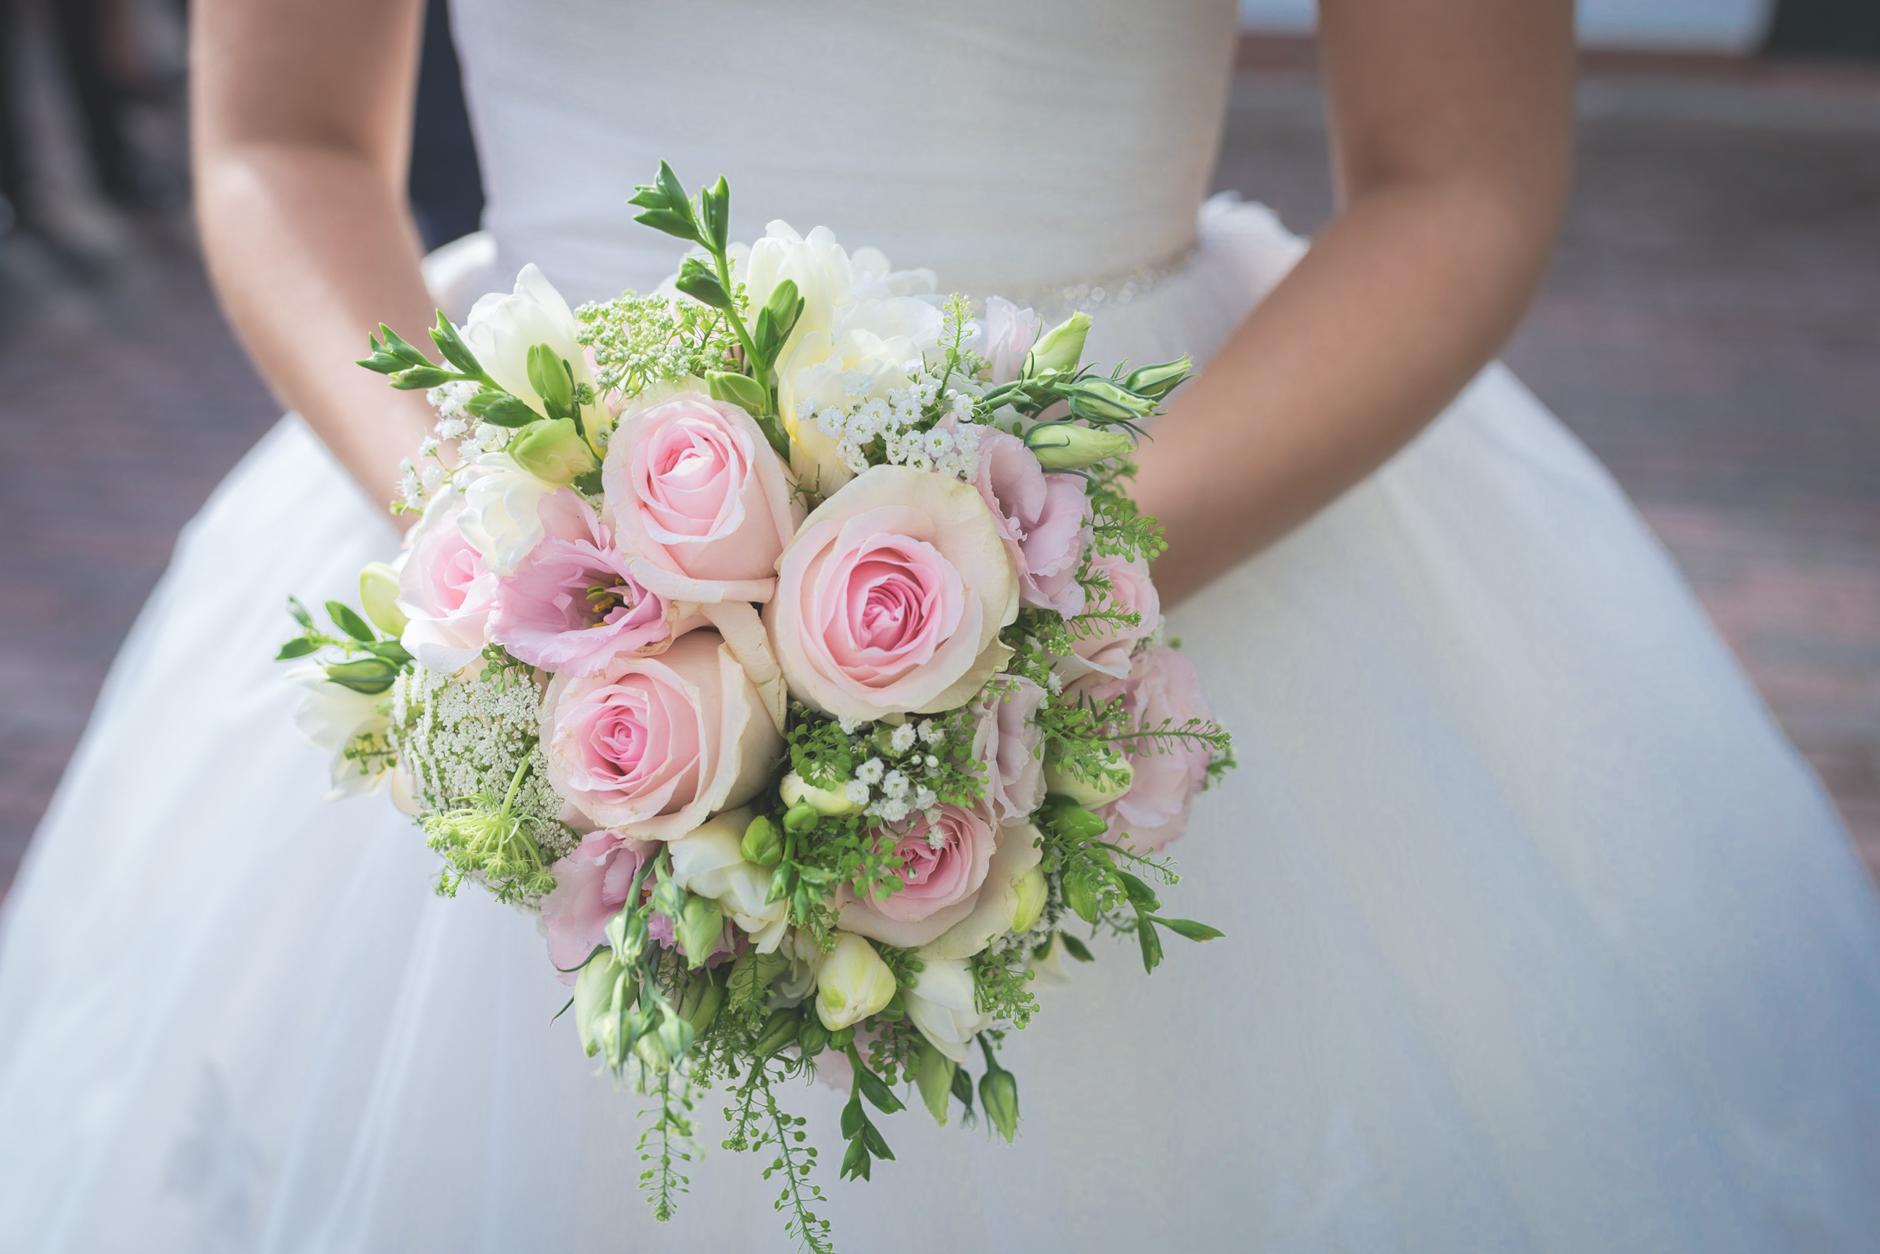 Hochzeitsfotos, das sind auch viele kleine Erinnerungen und Details wie dieser Brautstrauß